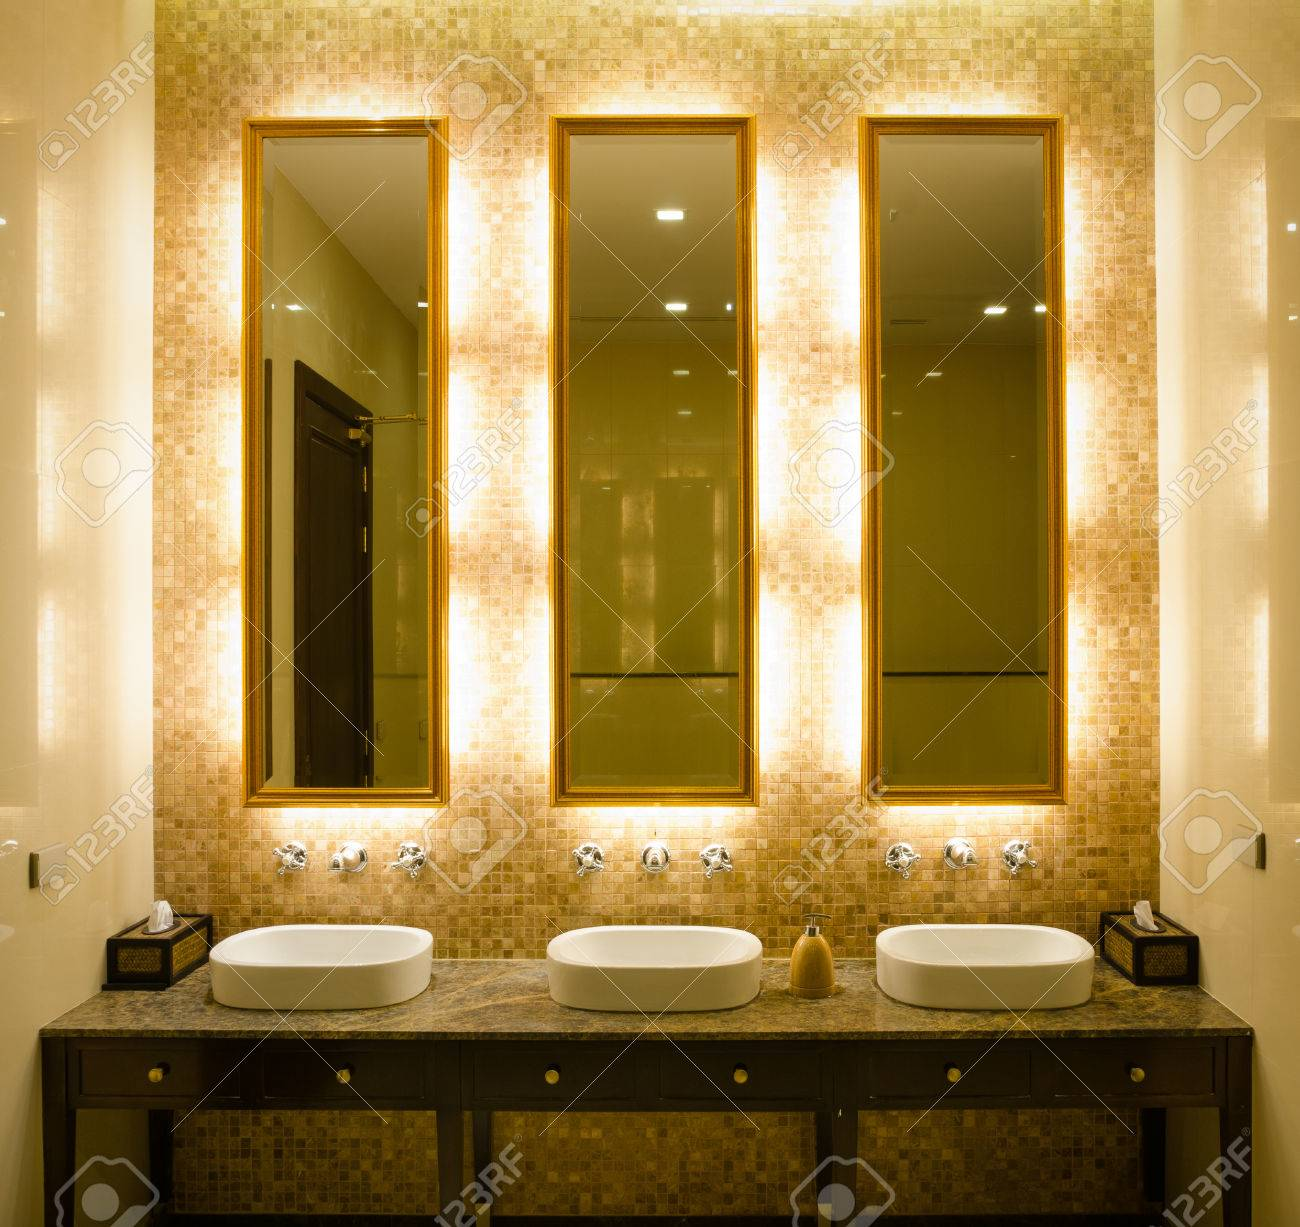 Ver El Diseño Interior De Estilo Moderno De Un Cuarto De Baño ...